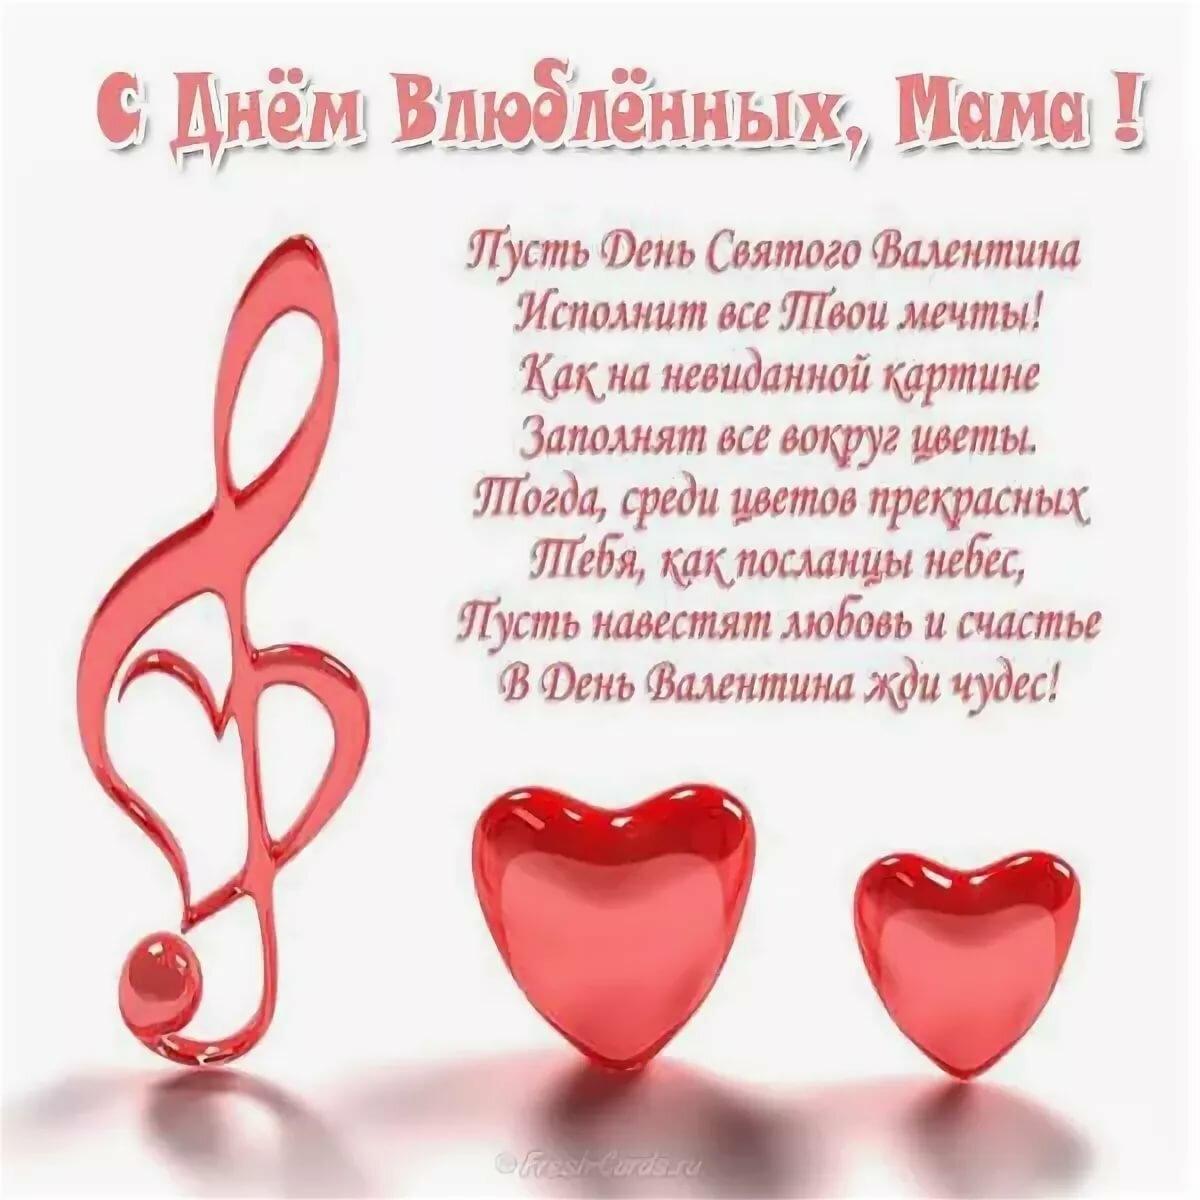 Поздравление с днем влюбленных любимому маме